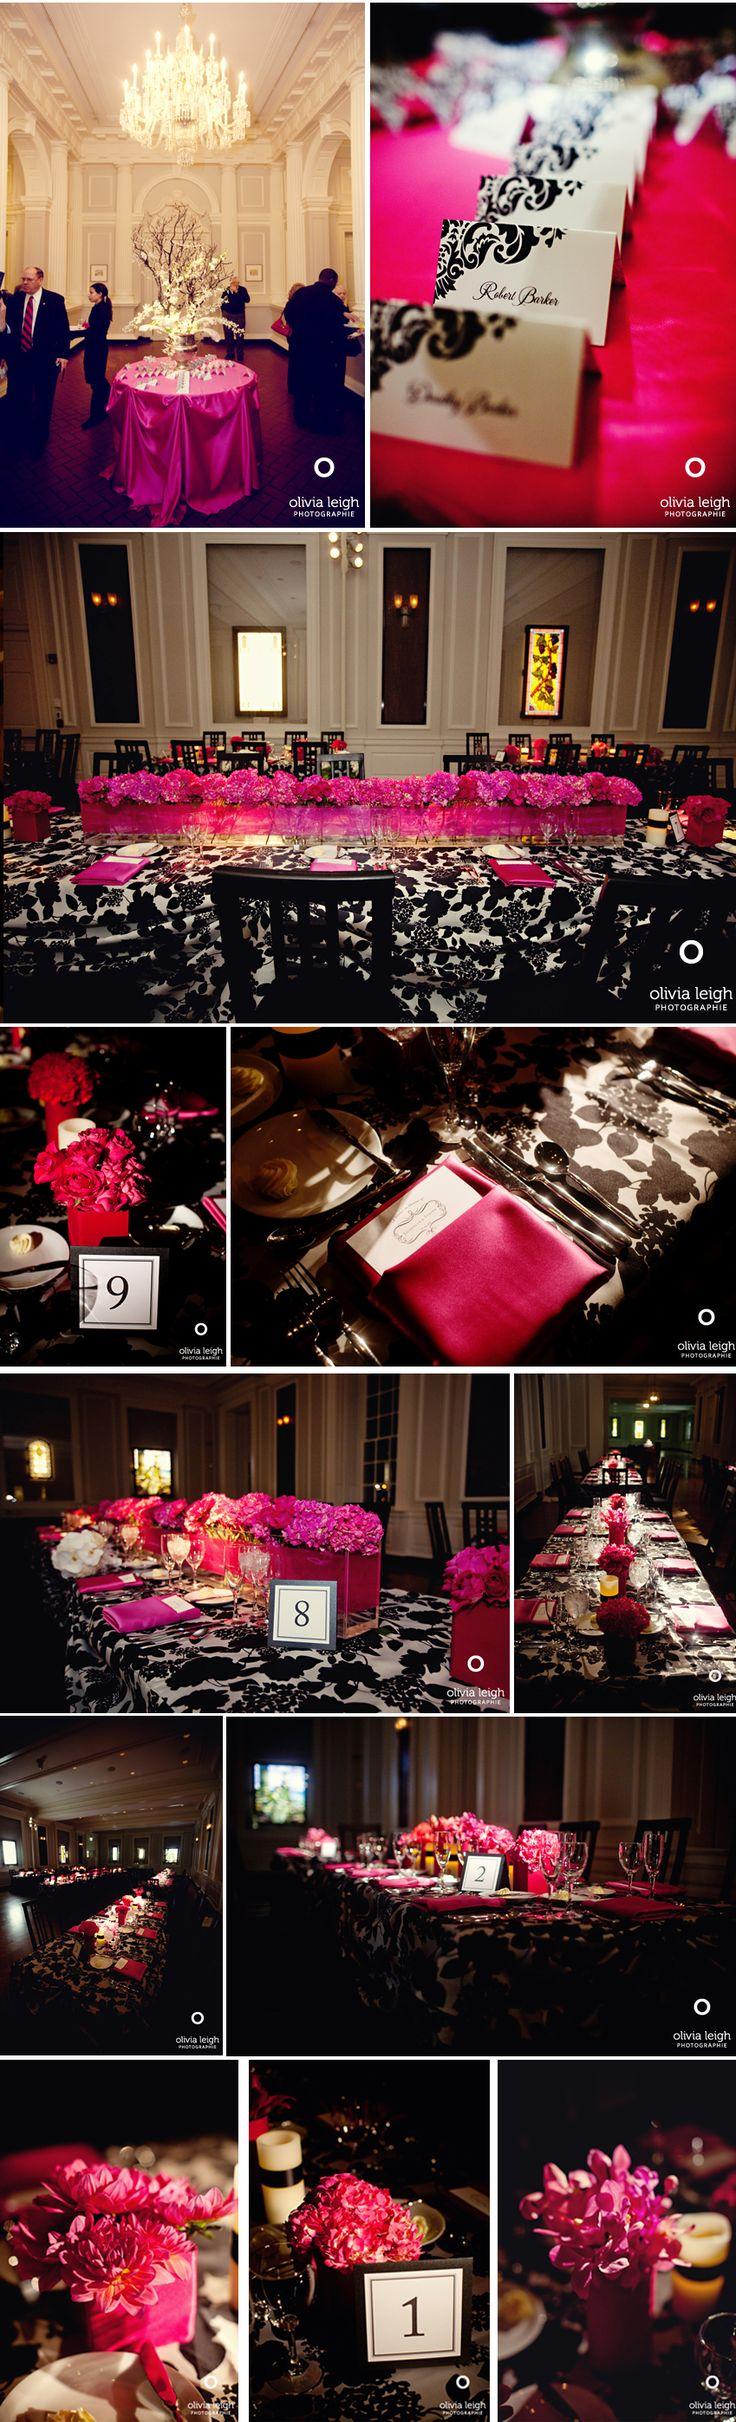 Google Image Result For Http Olivialeighweddings Blog Images Black Wedding Decordamask Weddingblack